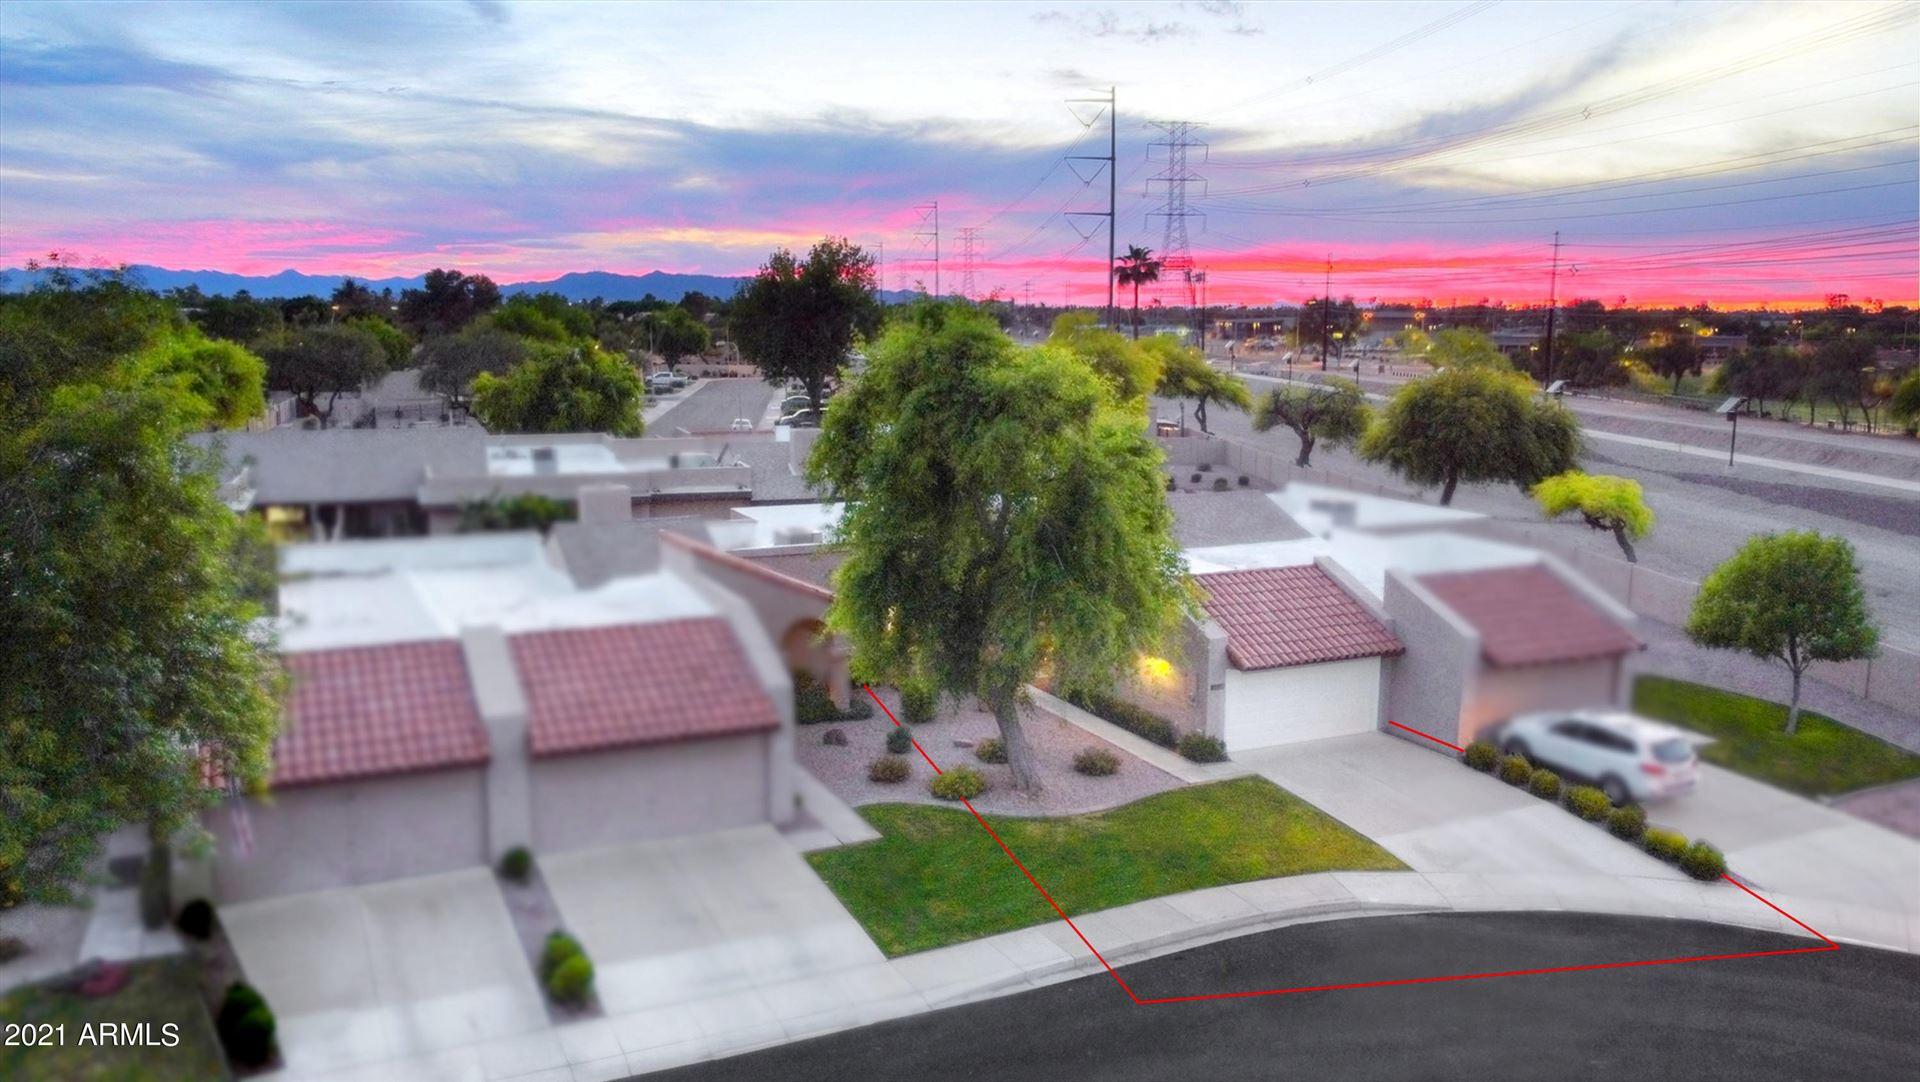 Photo of 3420 N SUNRIDGE Lane, Chandler, AZ 85225 (MLS # 6232394)